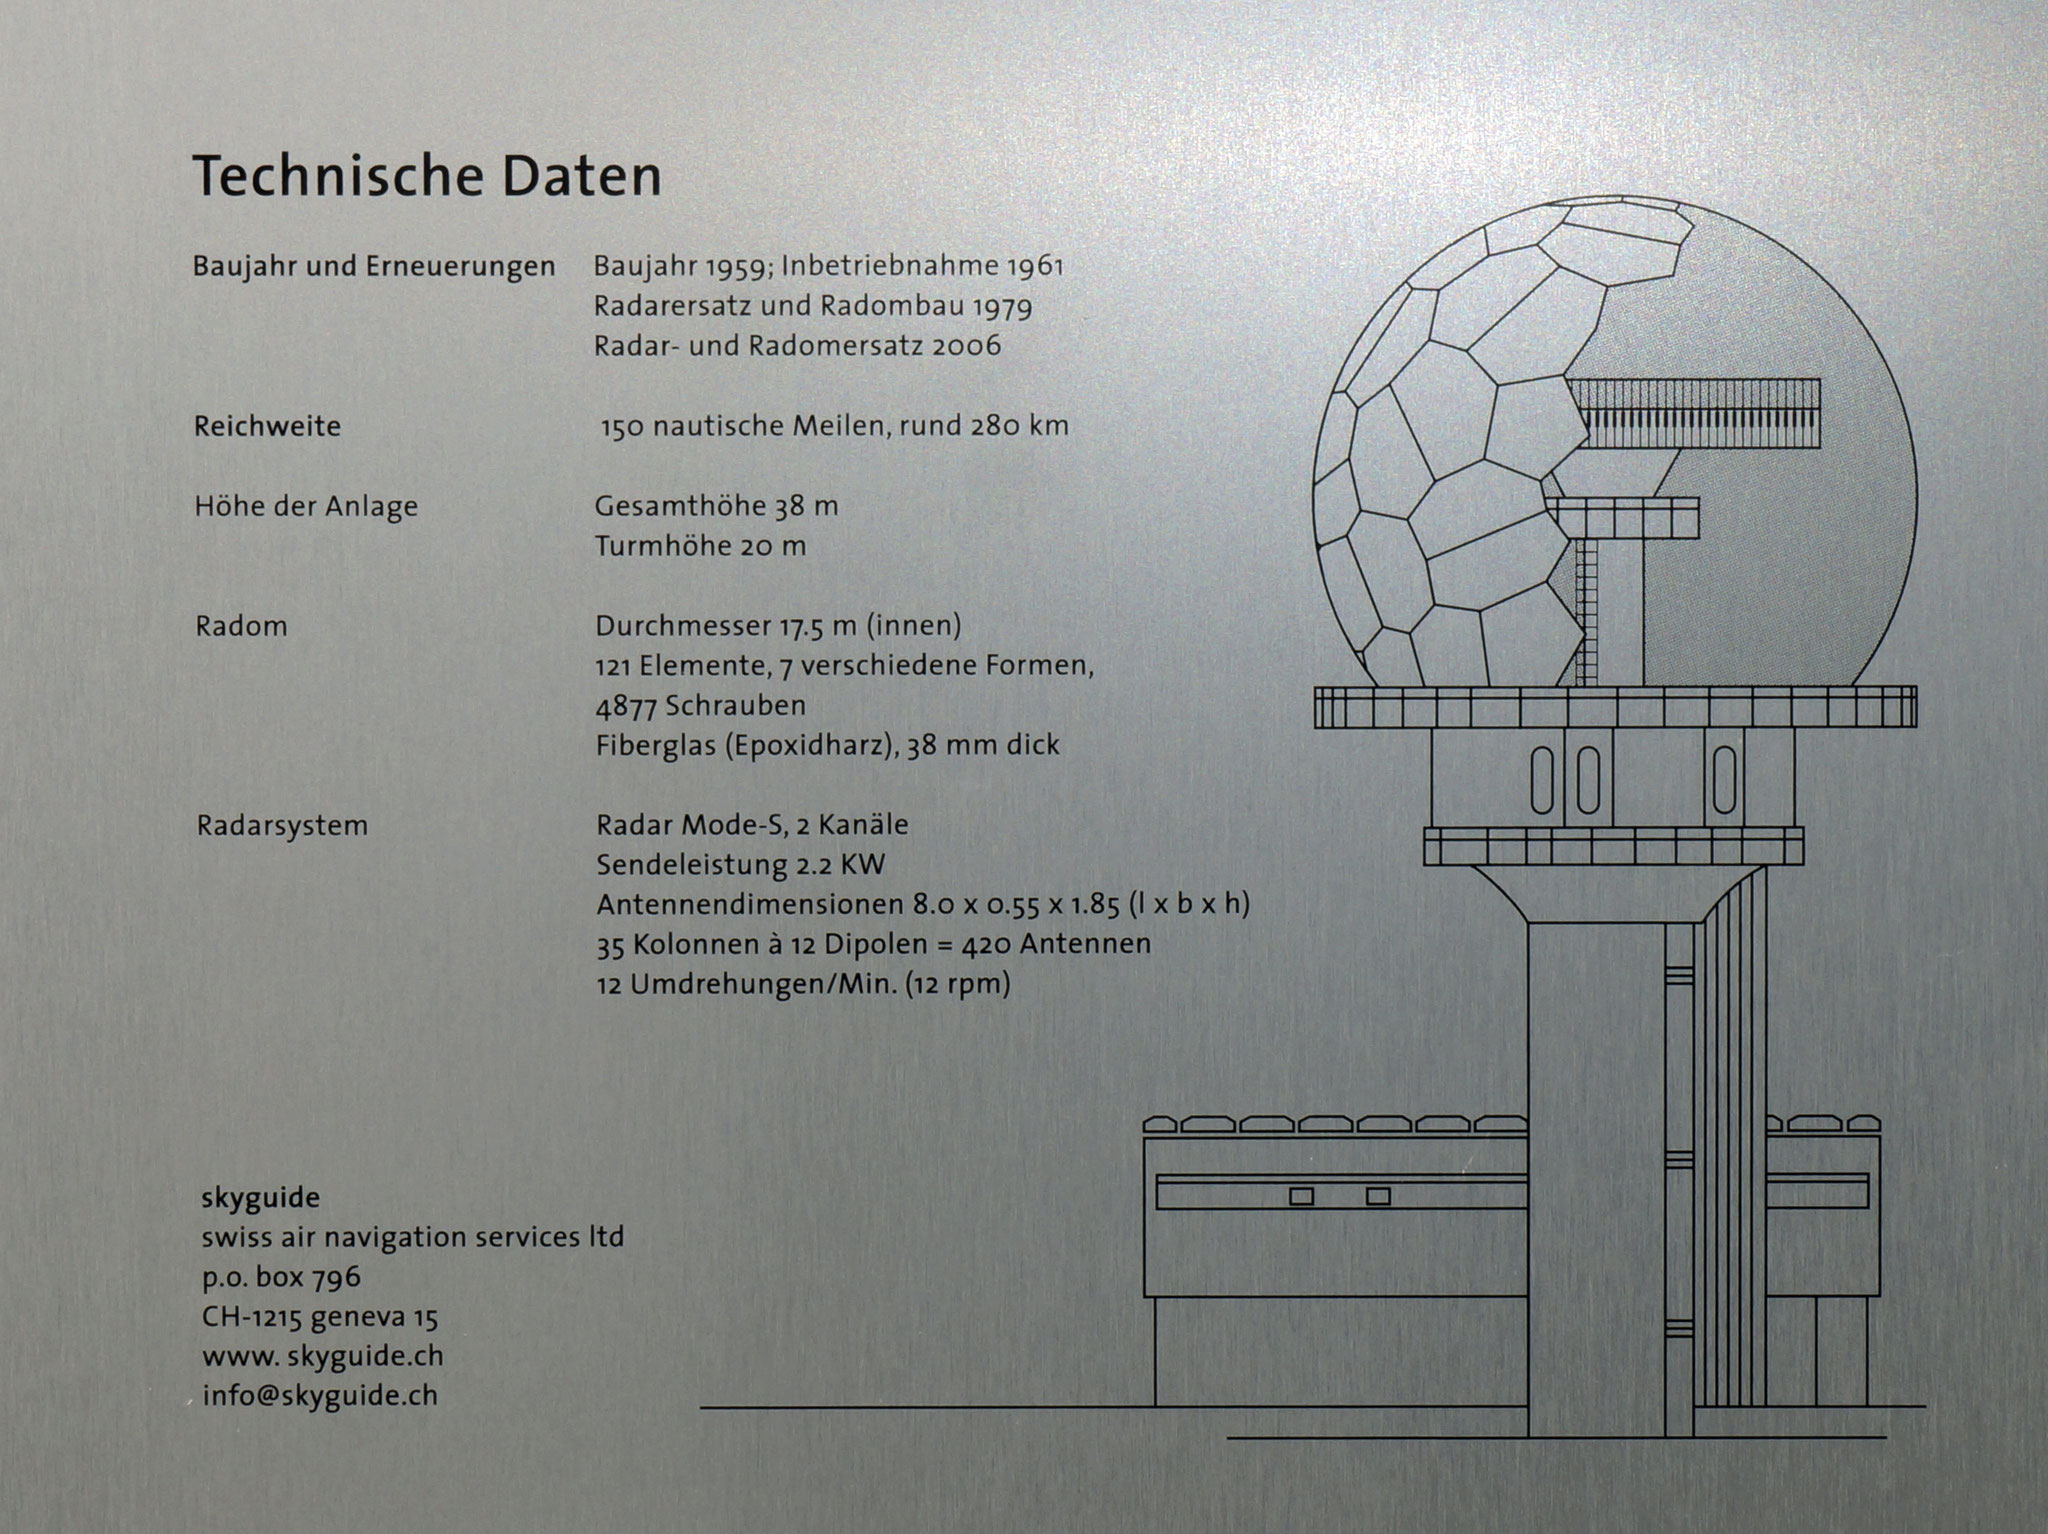 Lägernradar::Infotafel «Technische Daten» von skyguide